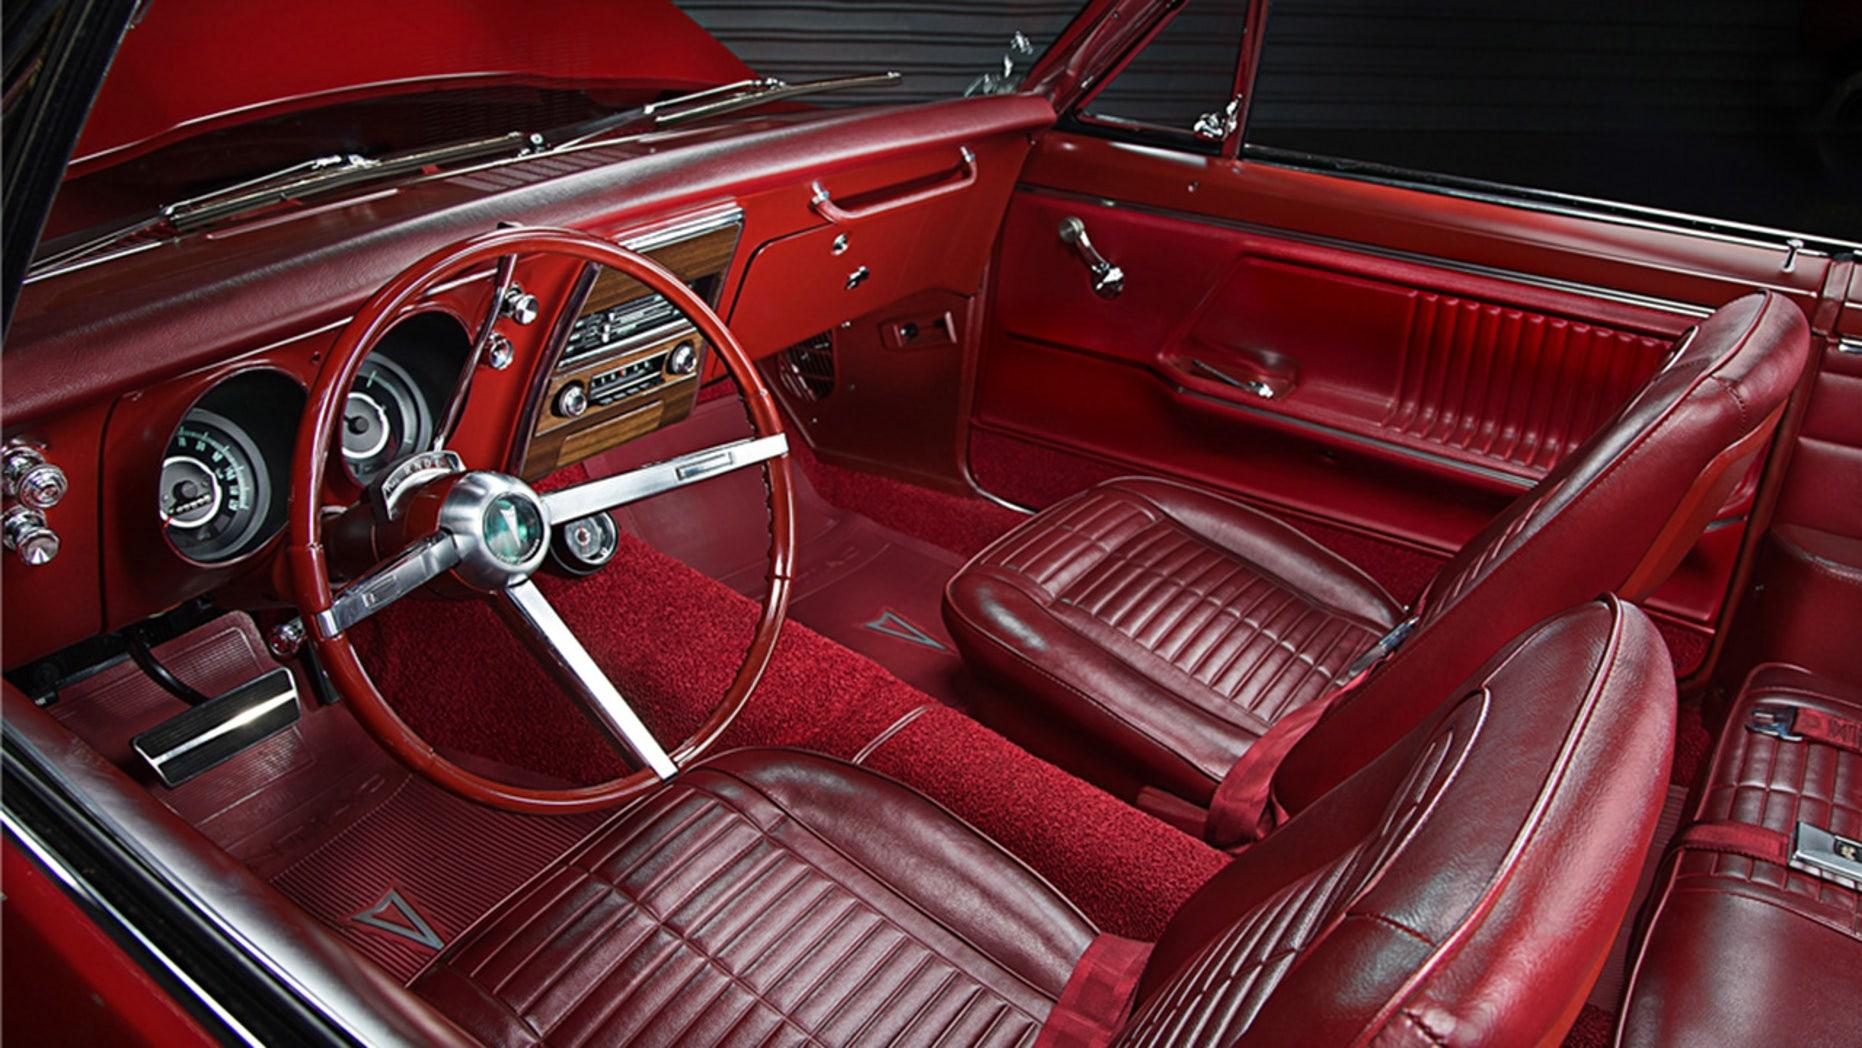 Red 1967 Pontiac Firebird Convertible